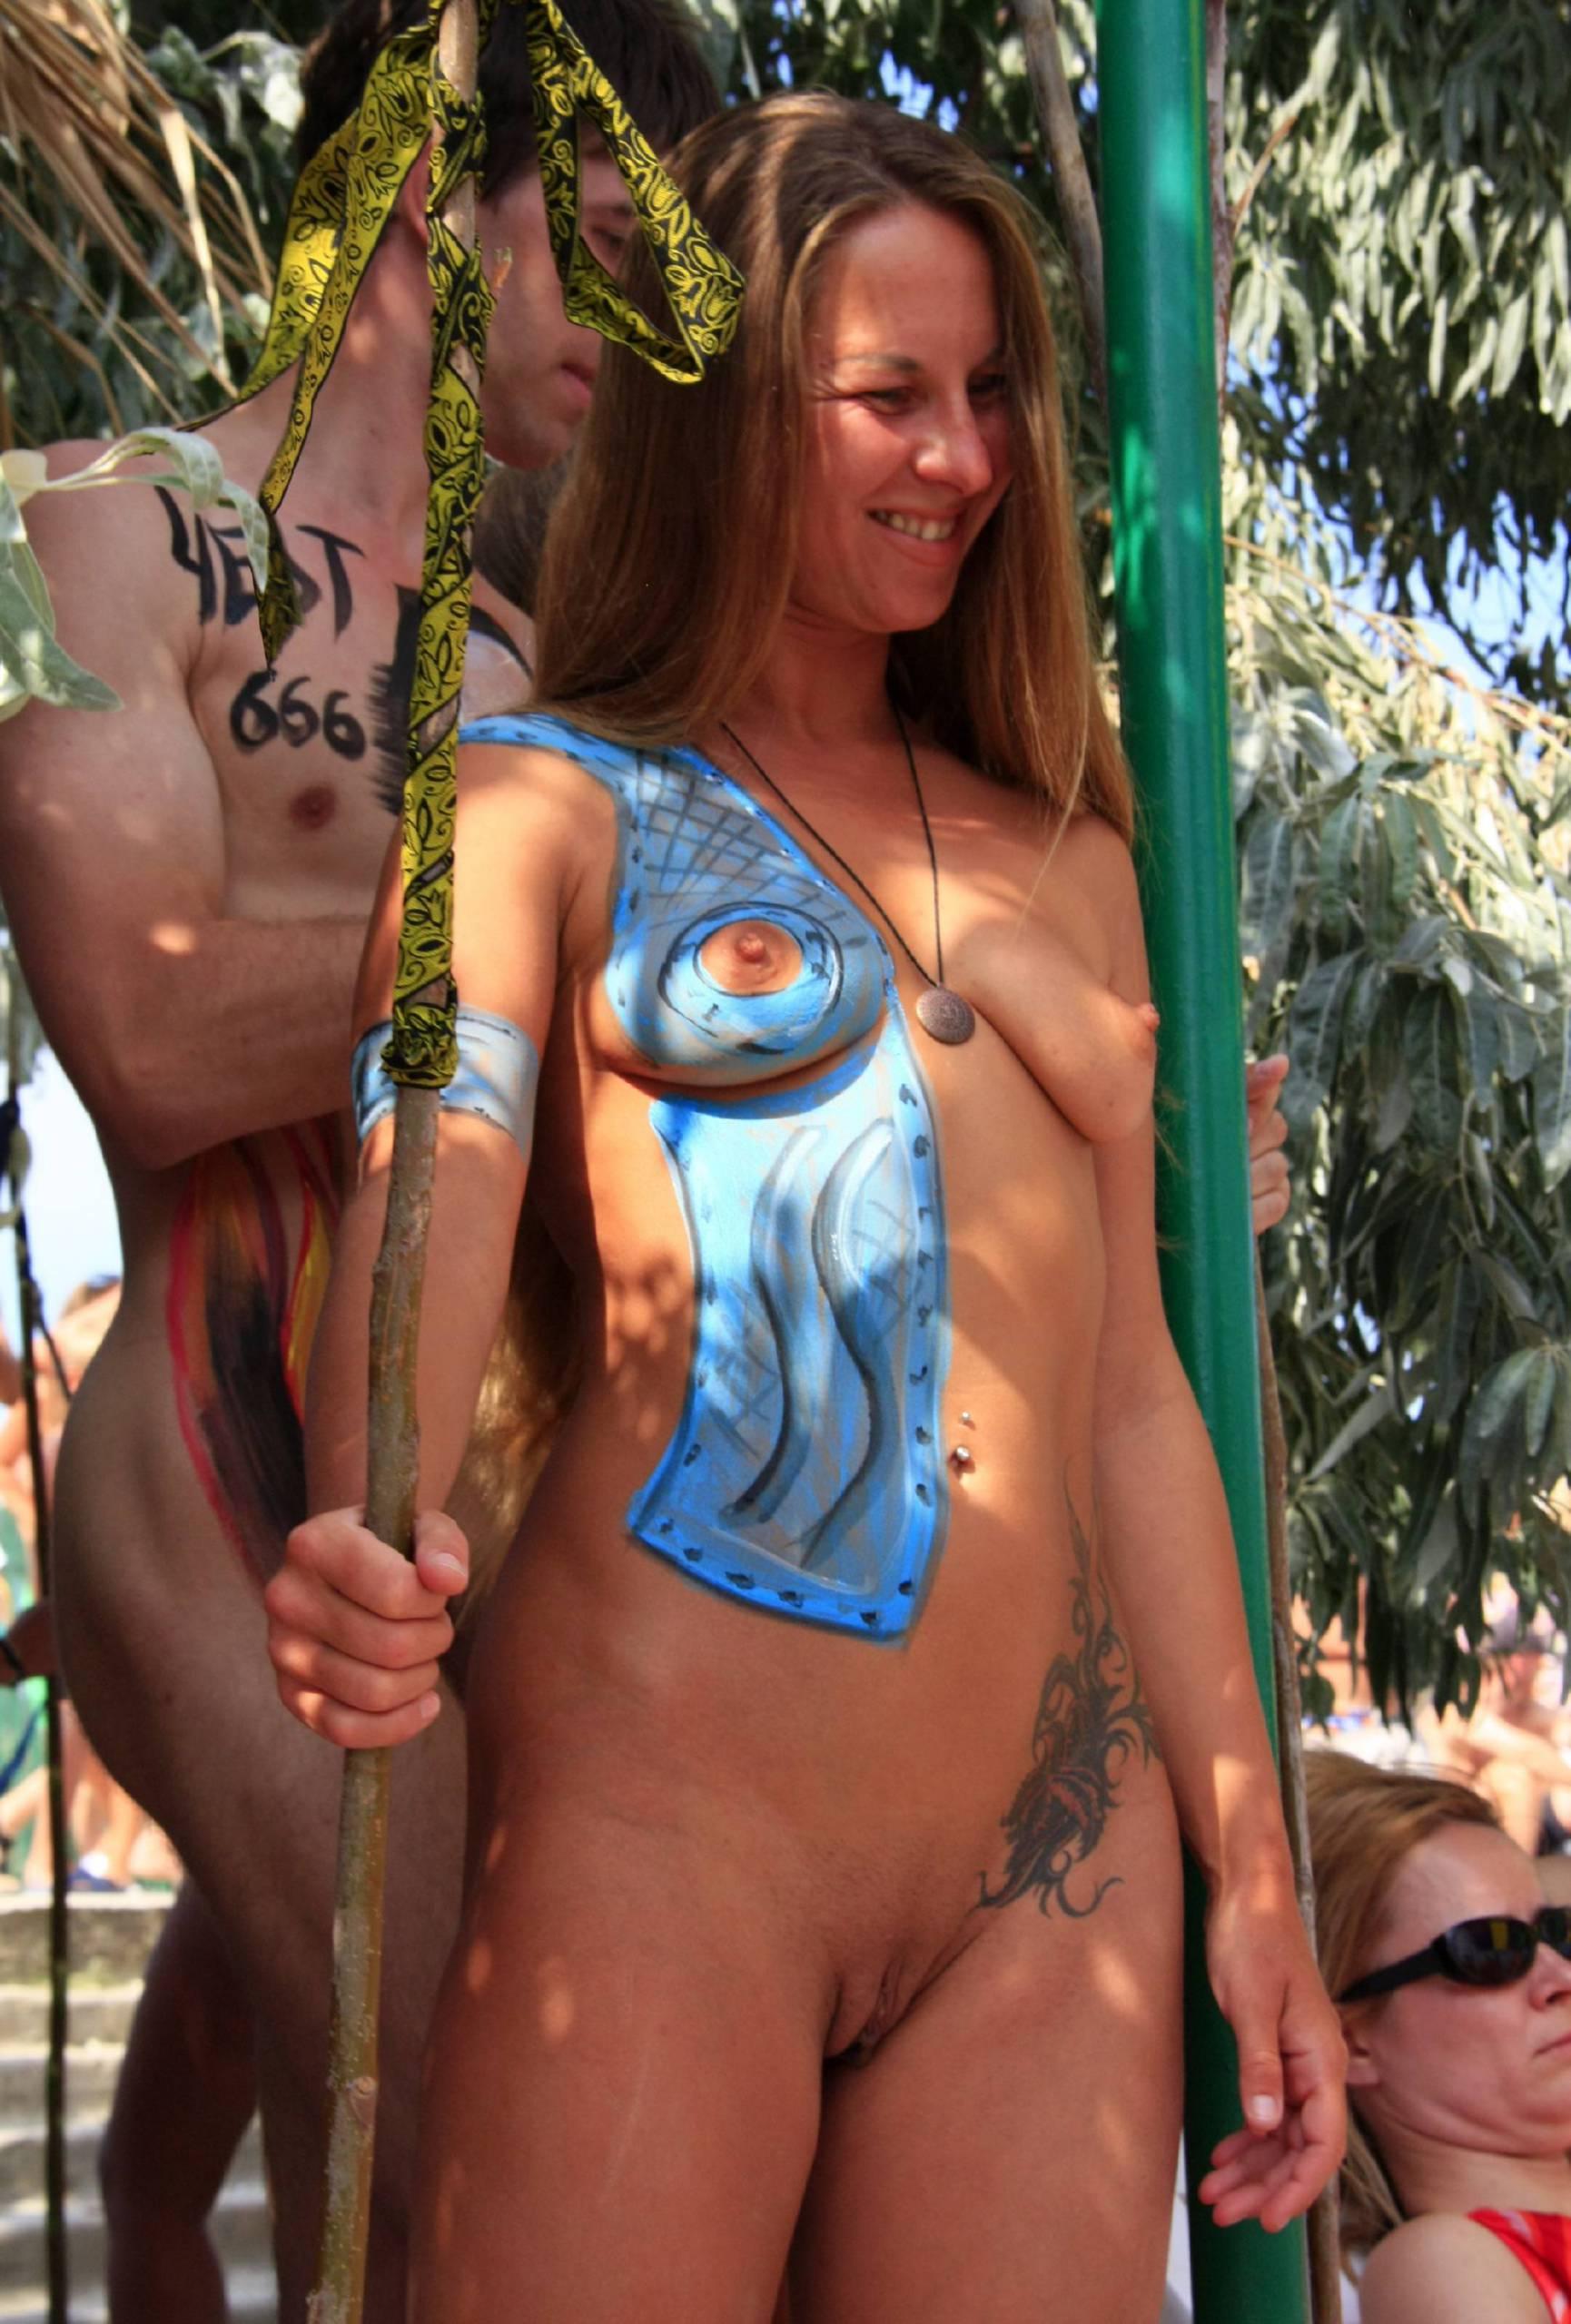 Nudist Pictures Neptune Walking Profiles - 1